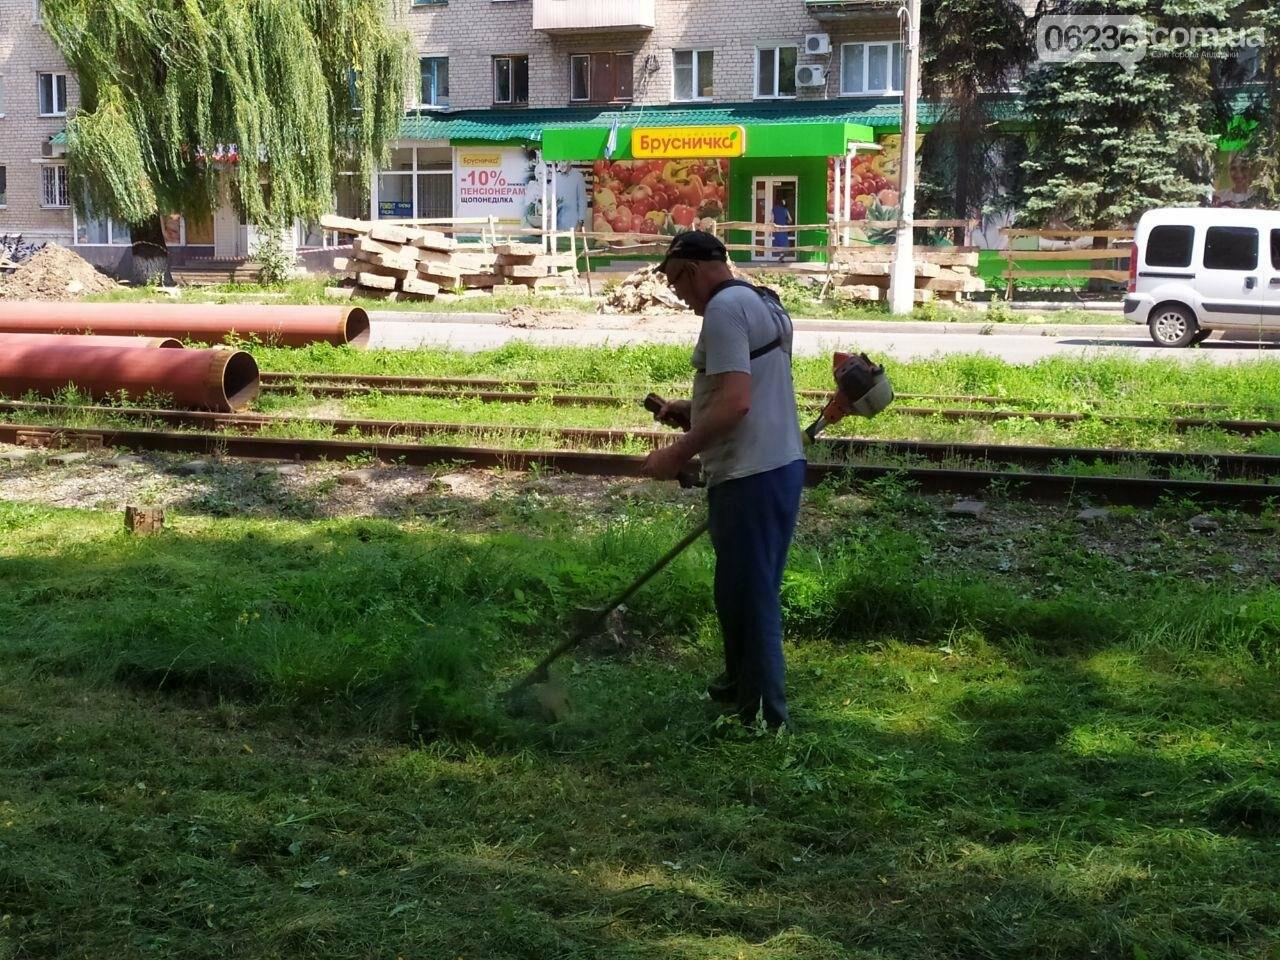 Авдеевские коммунальщики вышли на борьбу с травой (ФОТОФАКТ), фото-6